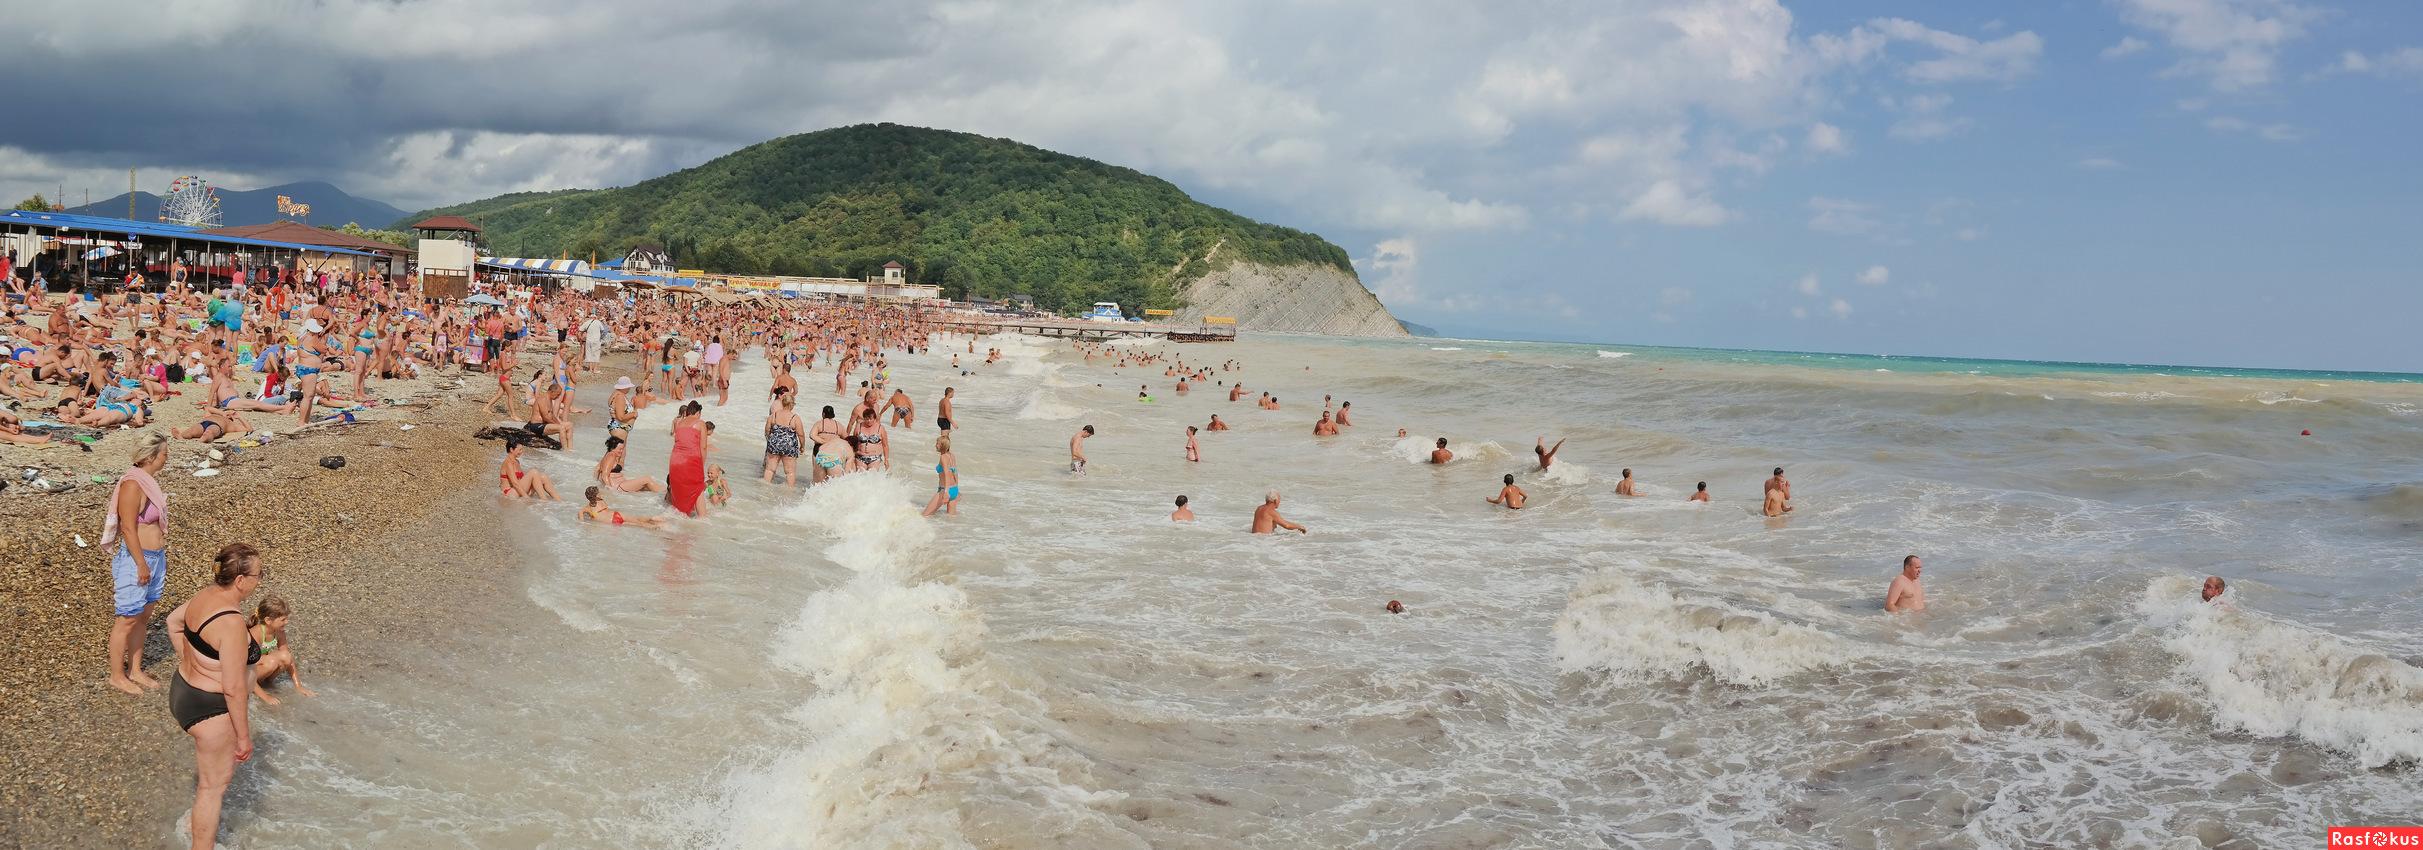 Геленджик в августе - что взять и что делать: отдых, погода, отзывы 18